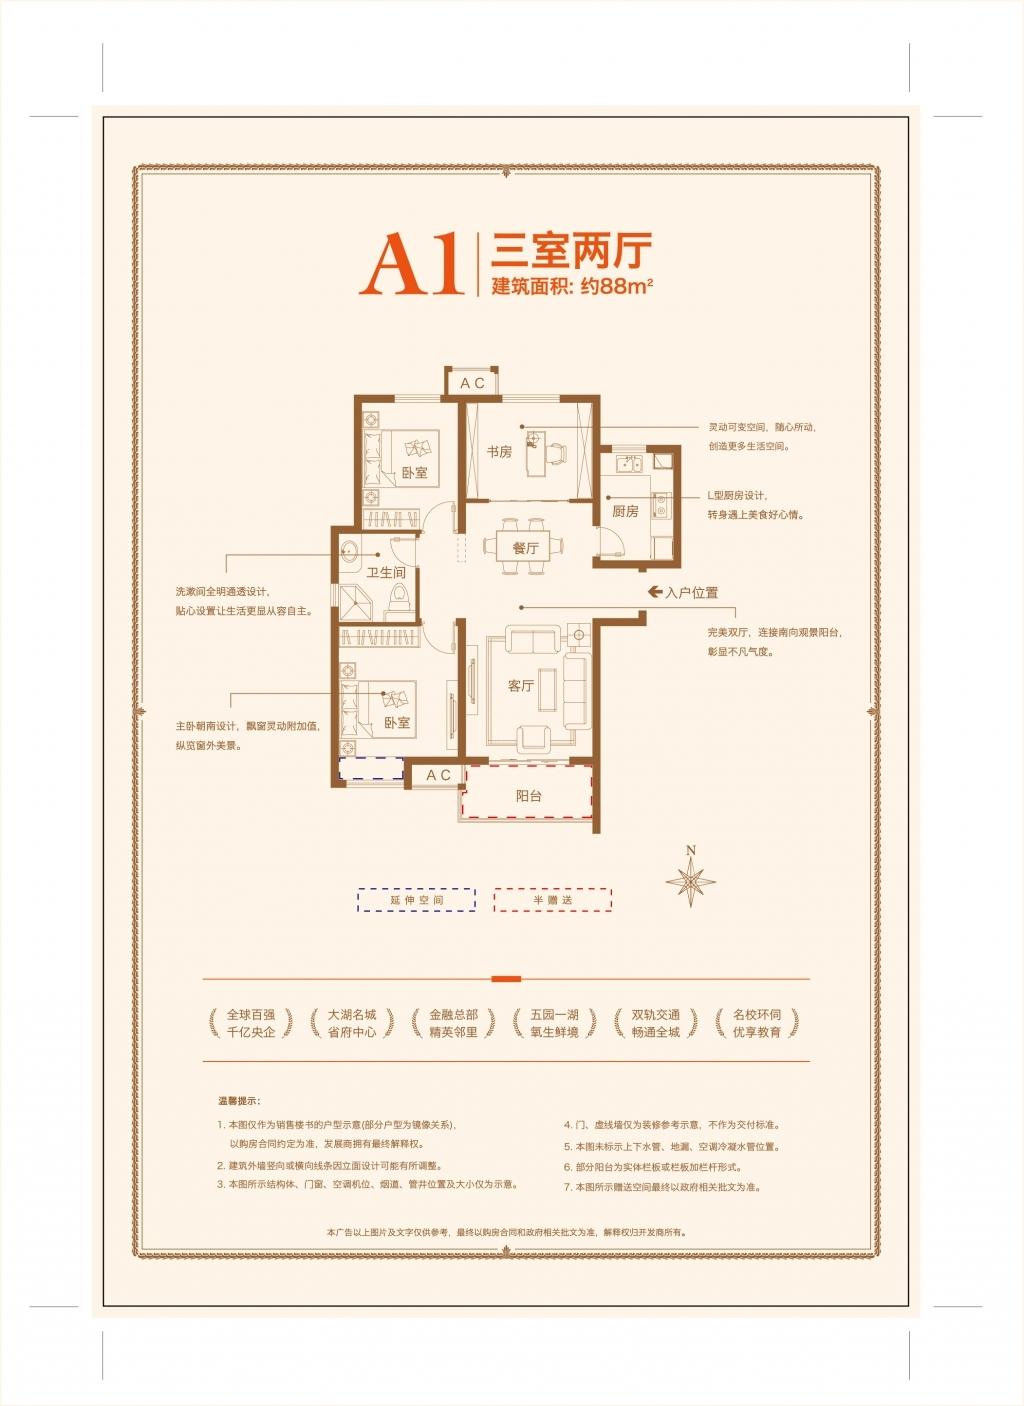 中海滨湖公馆高层A1